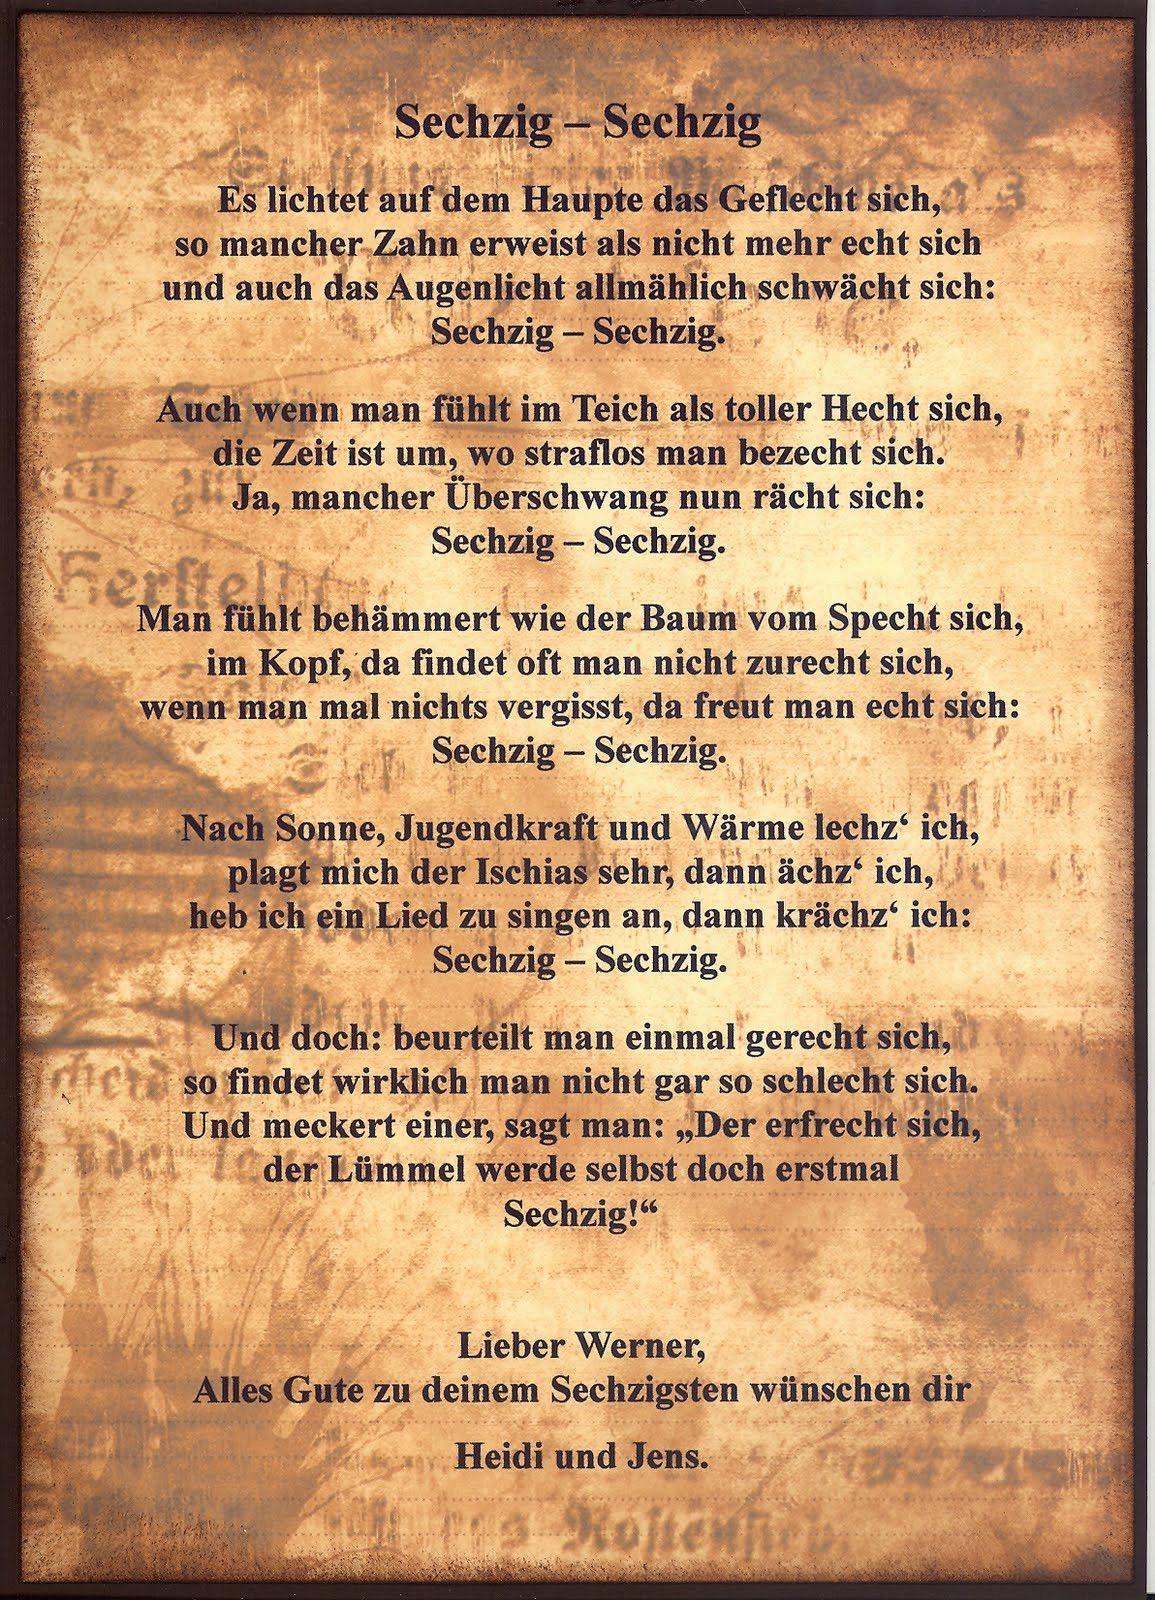 Geburtstagsgrusse Zum 60 Papa Fresh Gedicht Zum 60 Geburtstag